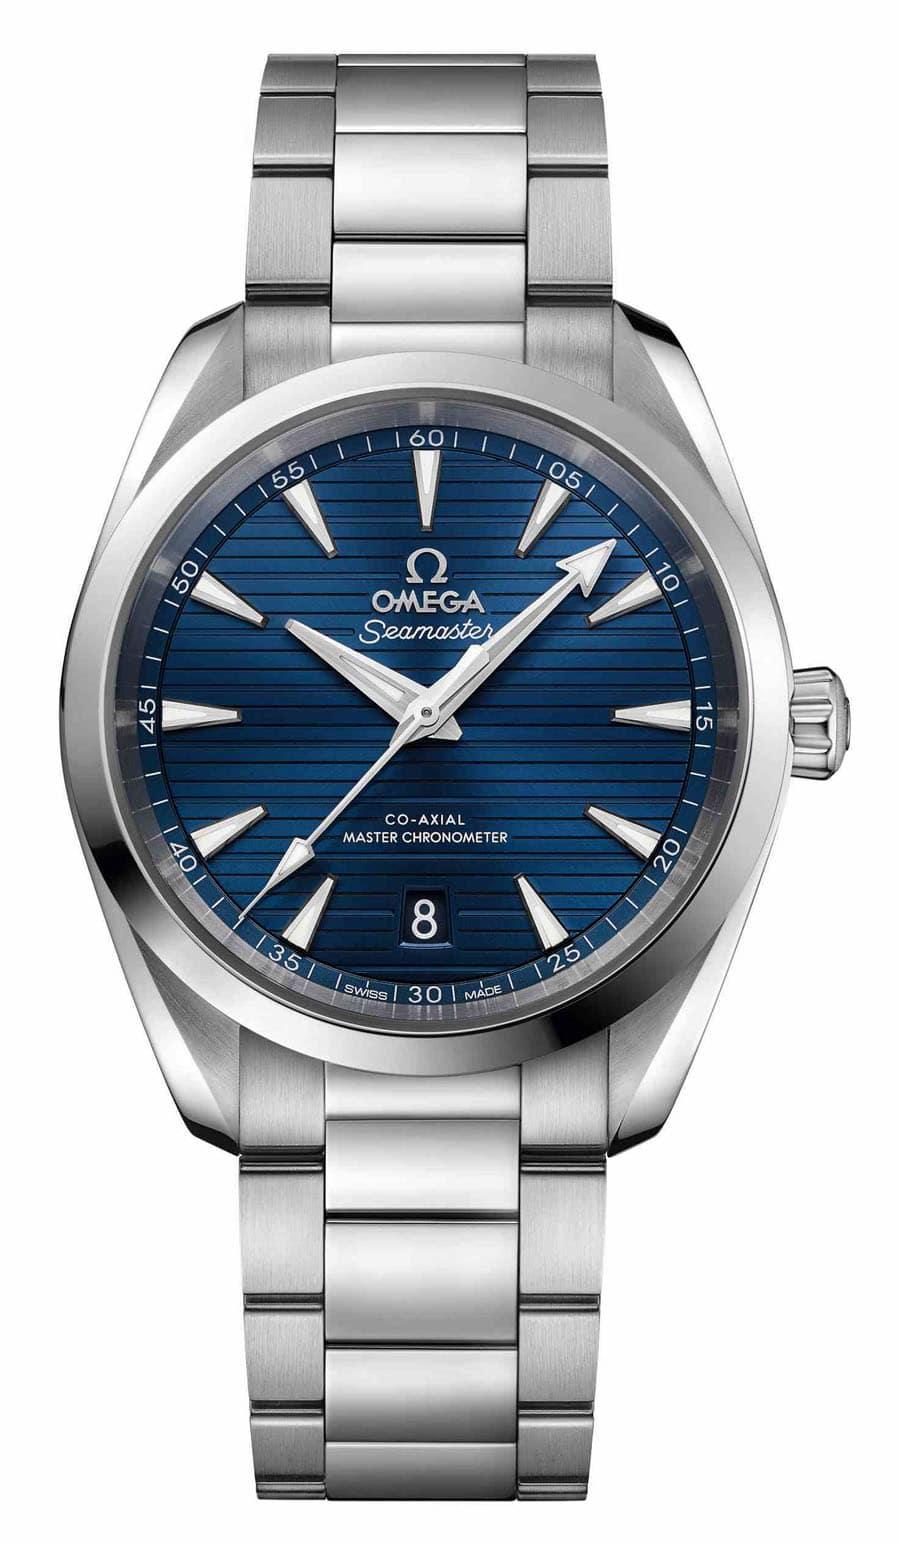 Die Omega Seamaster Aqua Terra Master Chronometer in Edelstahl mit blauem Zifferblatt gewinnt mit 1.400 Stimmen (9,2 Prozent) den <strong>dritten Platz</strong> in der Kategorie C der Goldenen Unruh 2018.